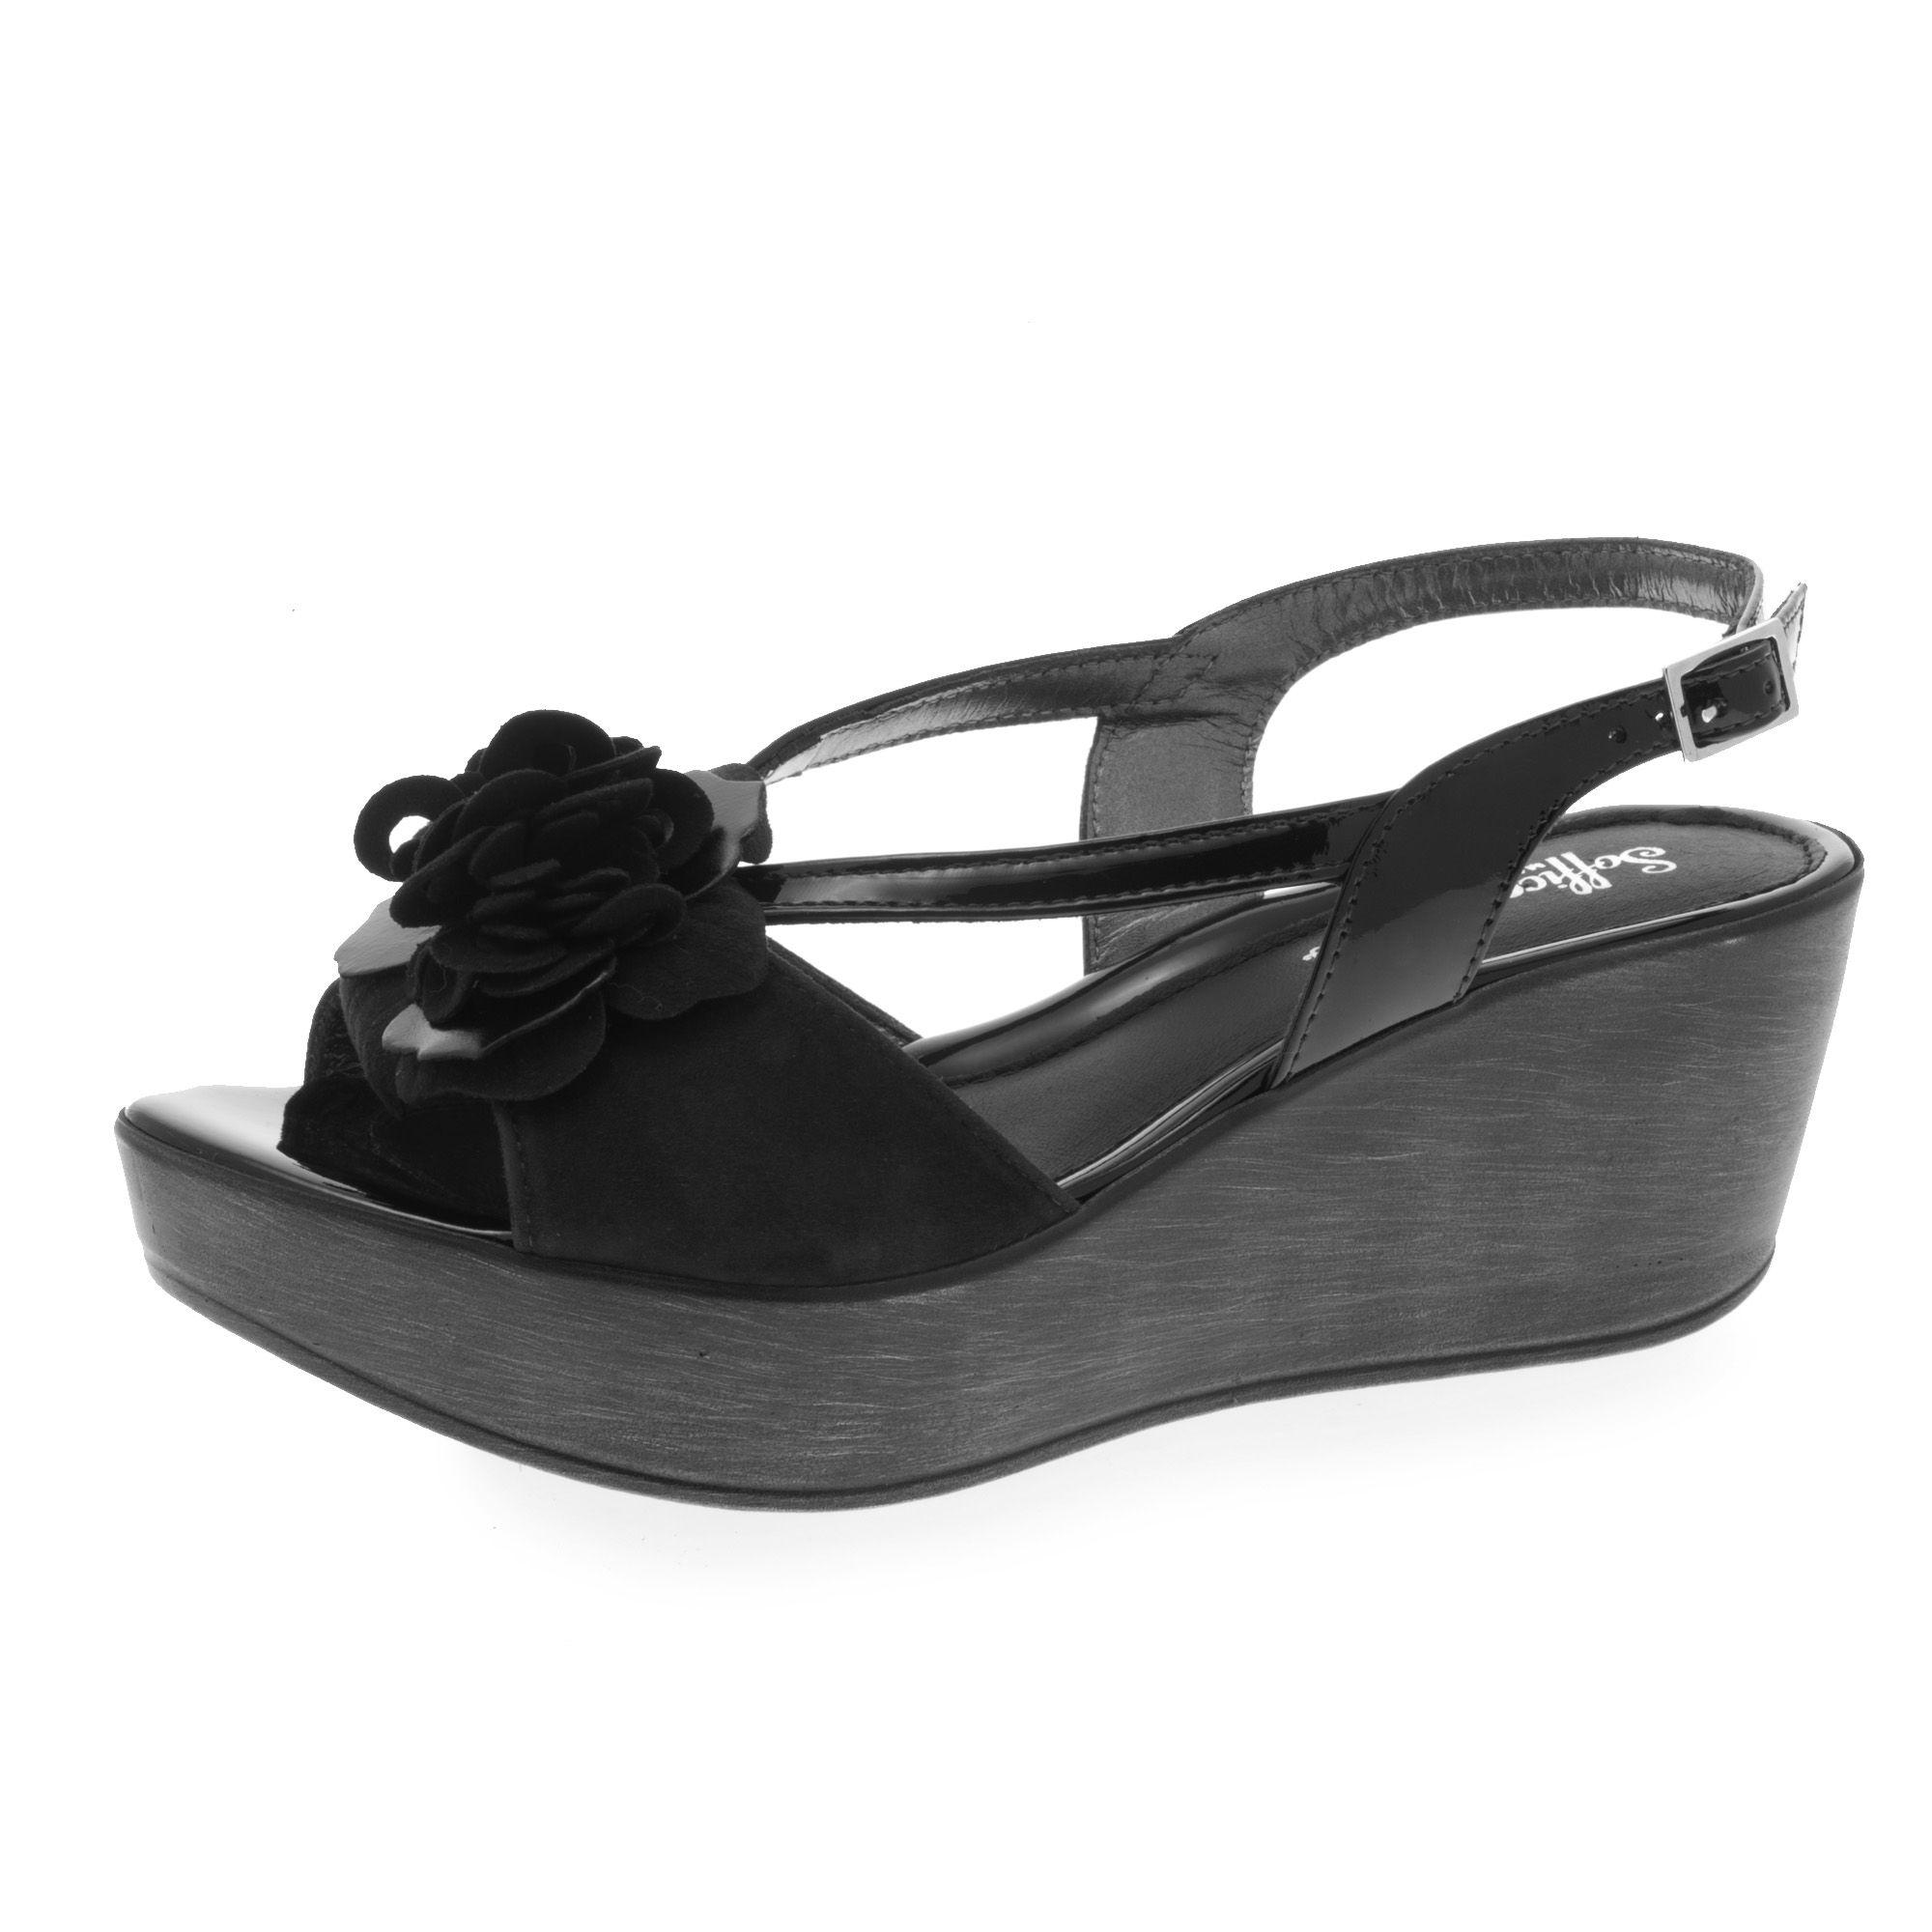 Sandalo in pelle con zeppa 6cm